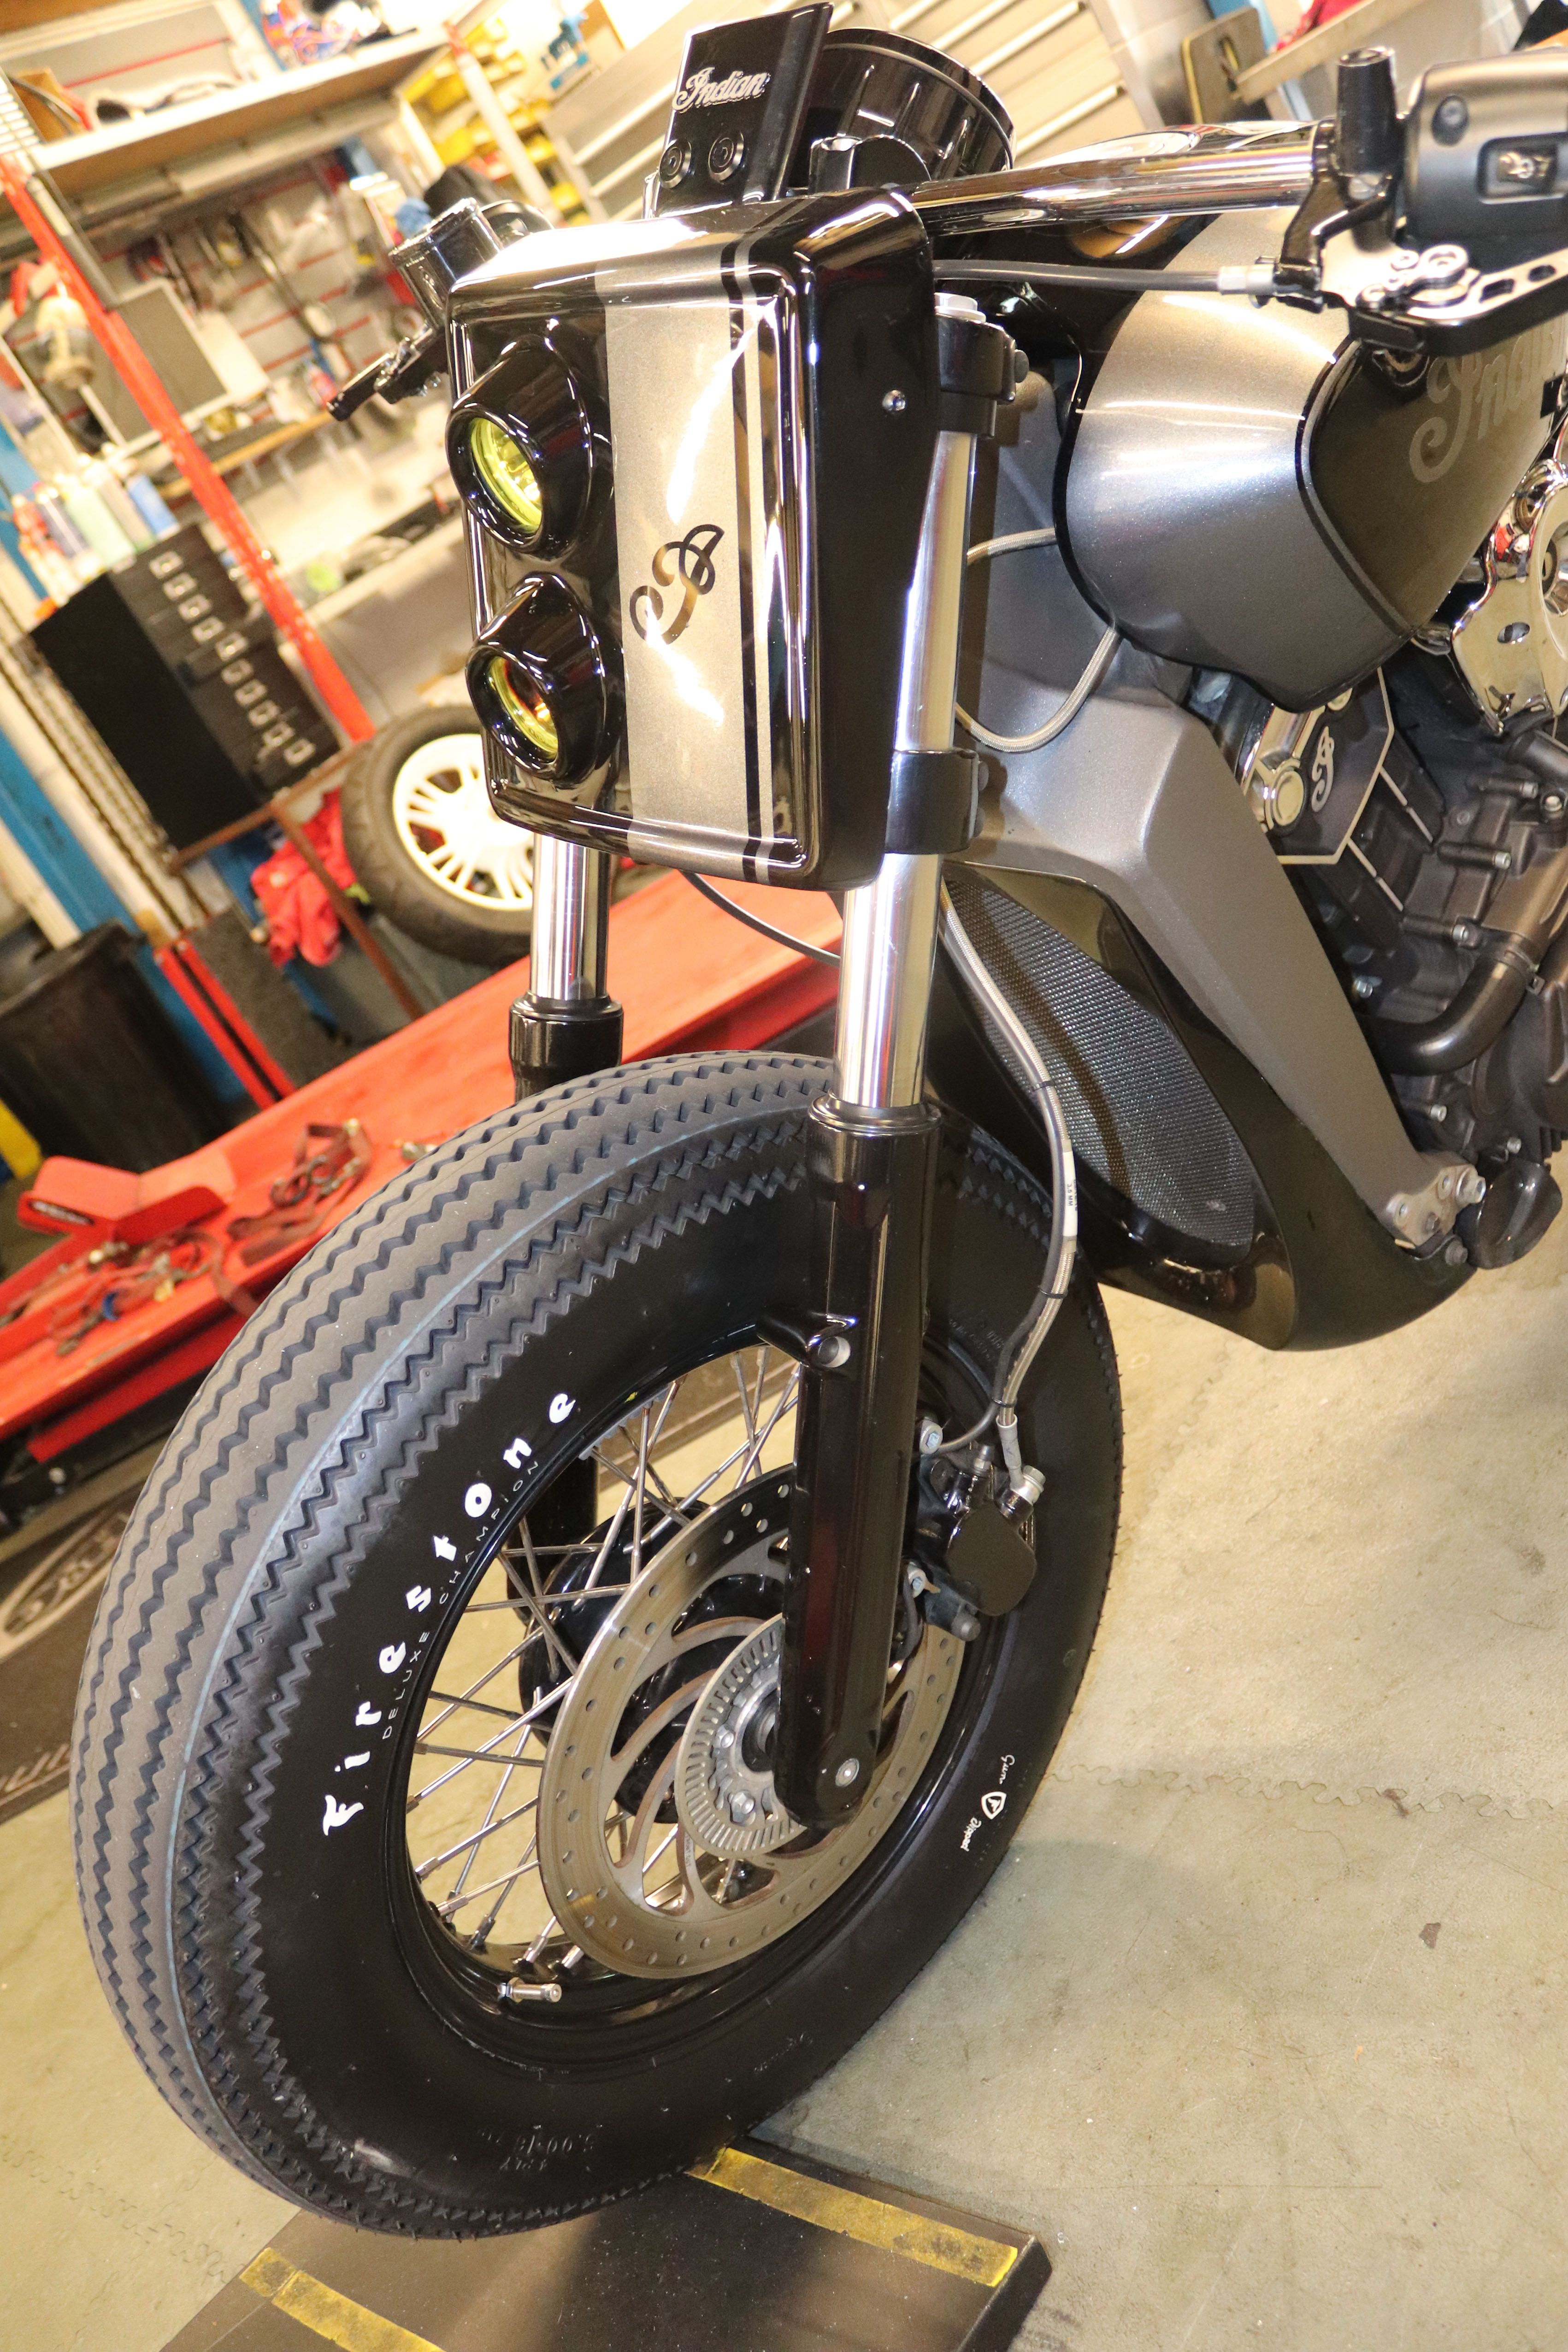 Spoke Wheels Firestone Tyres Custom Headlight For Custom Built